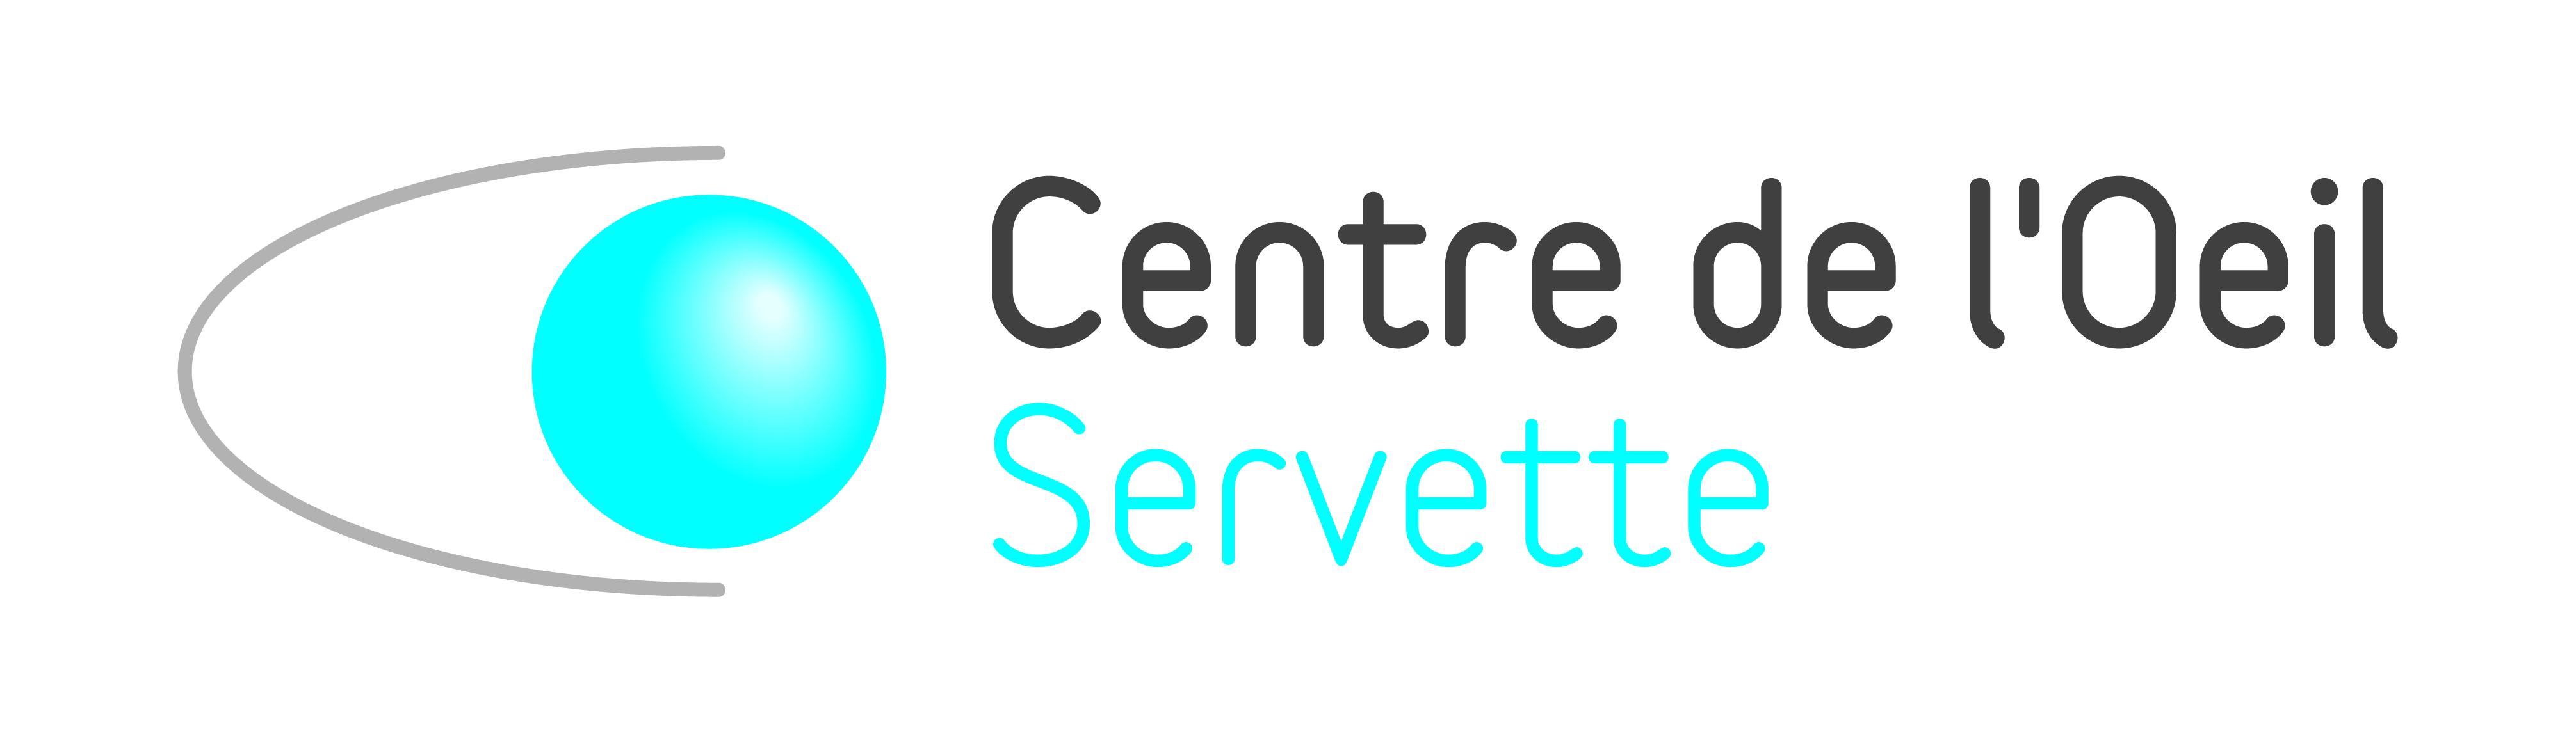 Centre de l'Oeil Servette